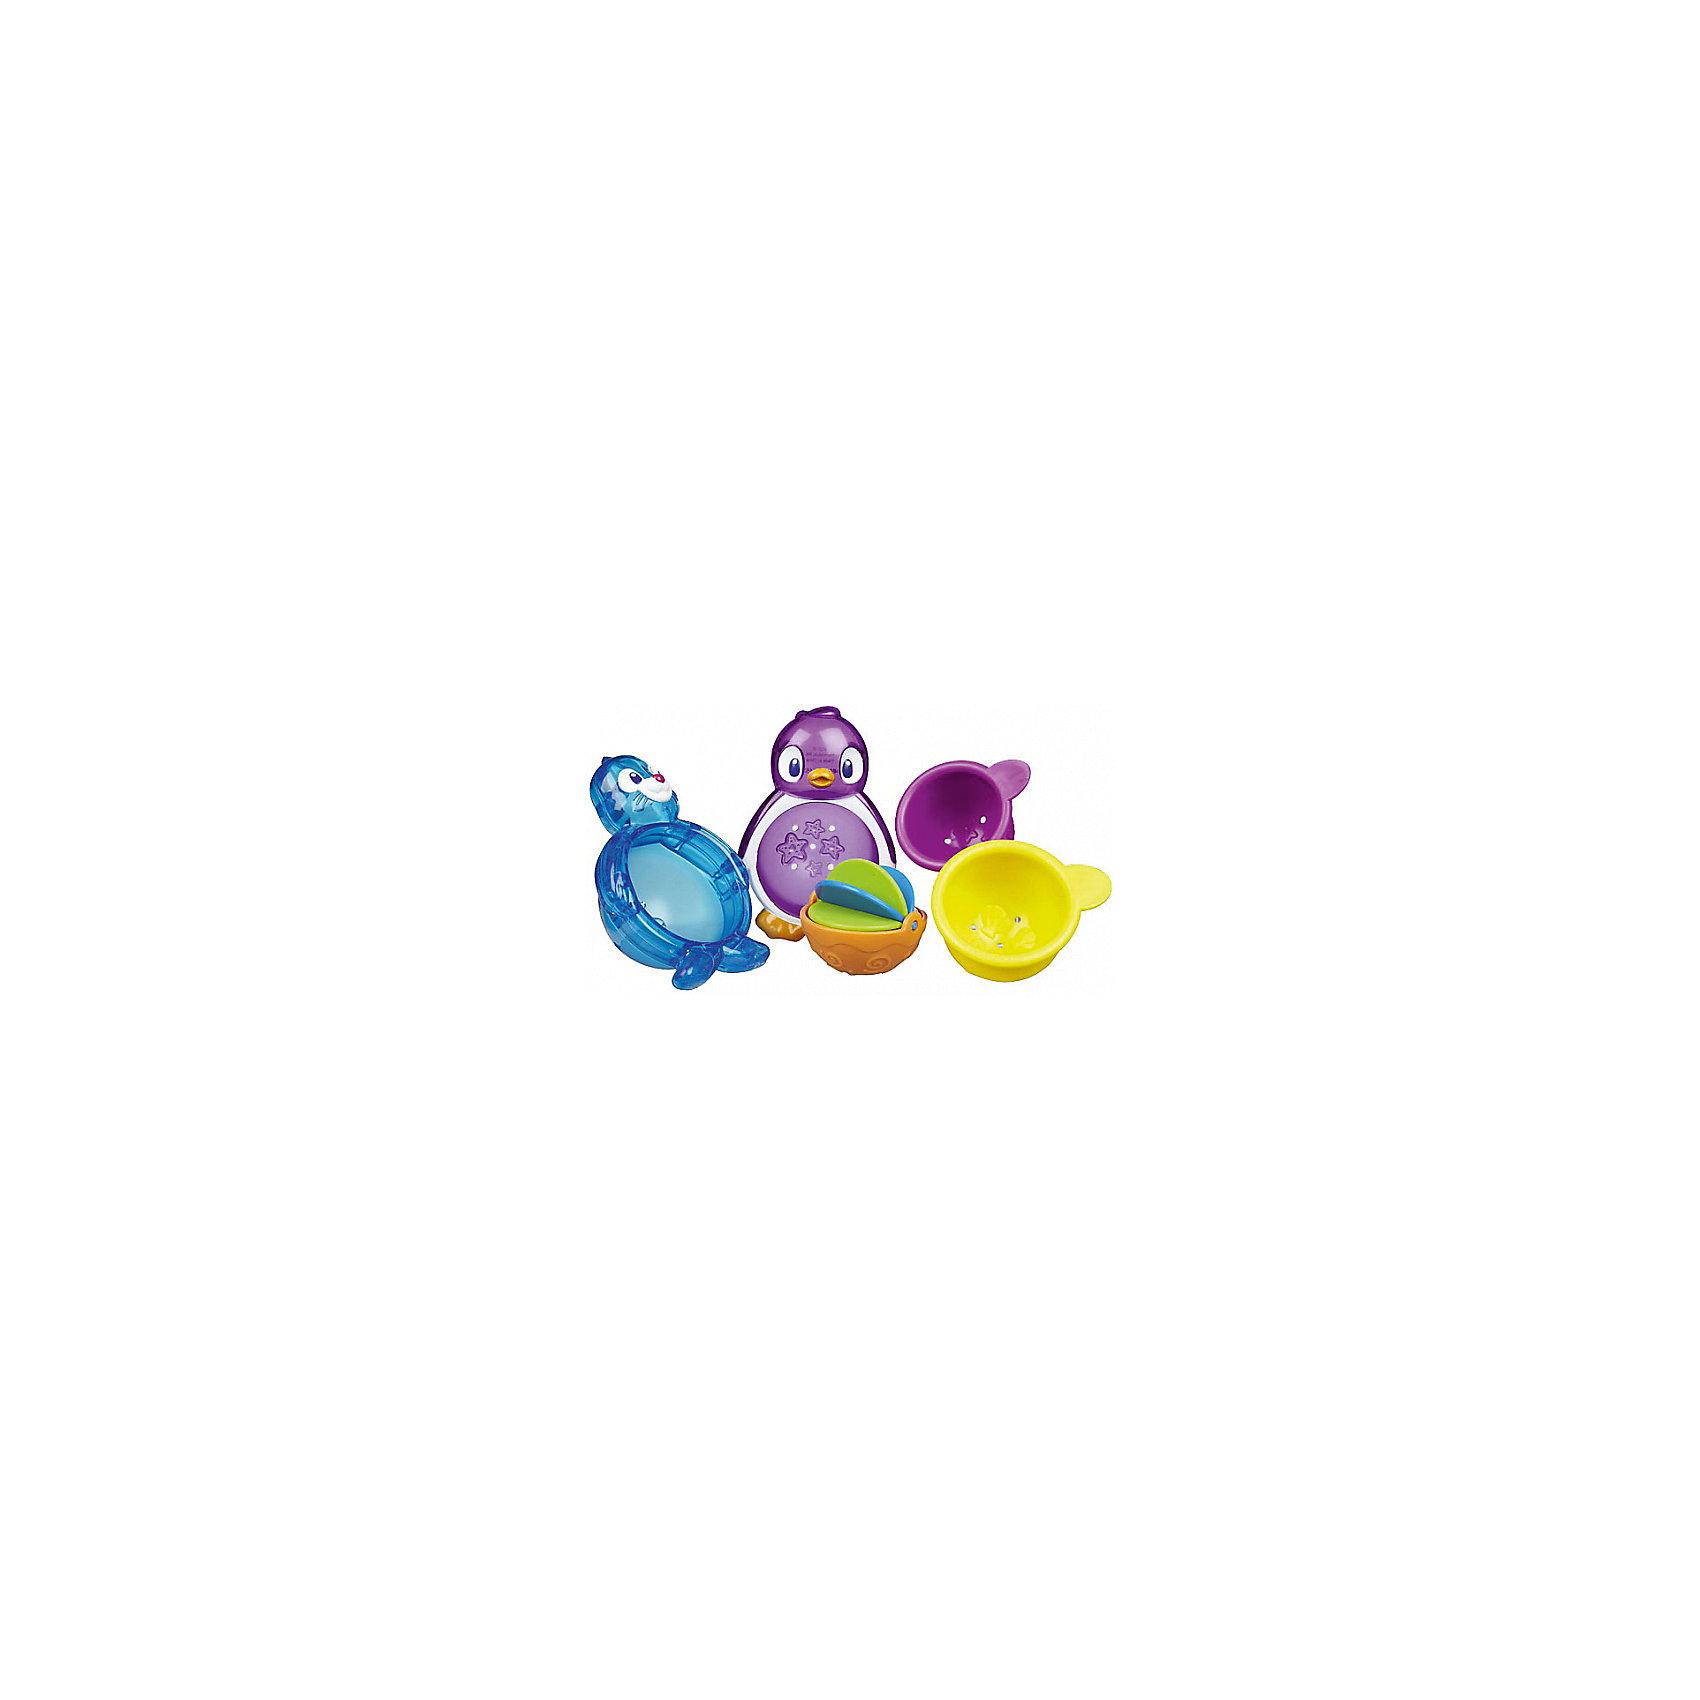 Игрушки для ванной Морские животные 2шт, MunchkinИгрушки для ванной Морские животные 2шт, Munchkin (Манчкин) – эта игрушка доставит малышу немало веселых минут во время купания!<br>Набор игрушек для ванны Munchkin Морские животные непременно понравится вашему ребенку и превратит купание в веселую игру! Набор включает две игрушки в виде тюленя и пингвина, два ковшика и чашку с вертушкой. Два забавных морских друга могут плавать на поверхности воды, словно яркие оригинальные буйки. Игрушки разбираются, поэтому вариантов игры с ними можно придумать достаточно много: зачерпывать и процеживать воду, вращать вертушку при наливании воды, а также разбирать и собирать. Игрушки сделают купание малыша не только более увлекательным, но и полезным - они развивают тактильные навыки и координацию, логическое мышление, понятия формы и цвета.<br><br>Дополнительная информация:<br><br>- В комплекте: тюлень, пингвин, 2 ковшика, чашка, вертушка<br>- Материал: пластик<br>- Размер морского животного: 7,5 х 11 х 5 см. <br>- Средний диаметр ковшика: 6 см.<br>- Размер упаковки: 20 х 24 х 12 см.<br>- Вес: 170 г.<br><br>Игрушки для ванной Морские животные 2шт, Munchkin (Манчкин) можно купить в нашем интернет-магазине.<br><br>Ширина мм: 240<br>Глубина мм: 200<br>Высота мм: 120<br>Вес г: 170<br>Возраст от месяцев: 12<br>Возраст до месяцев: 36<br>Пол: Унисекс<br>Возраст: Детский<br>SKU: 4142378